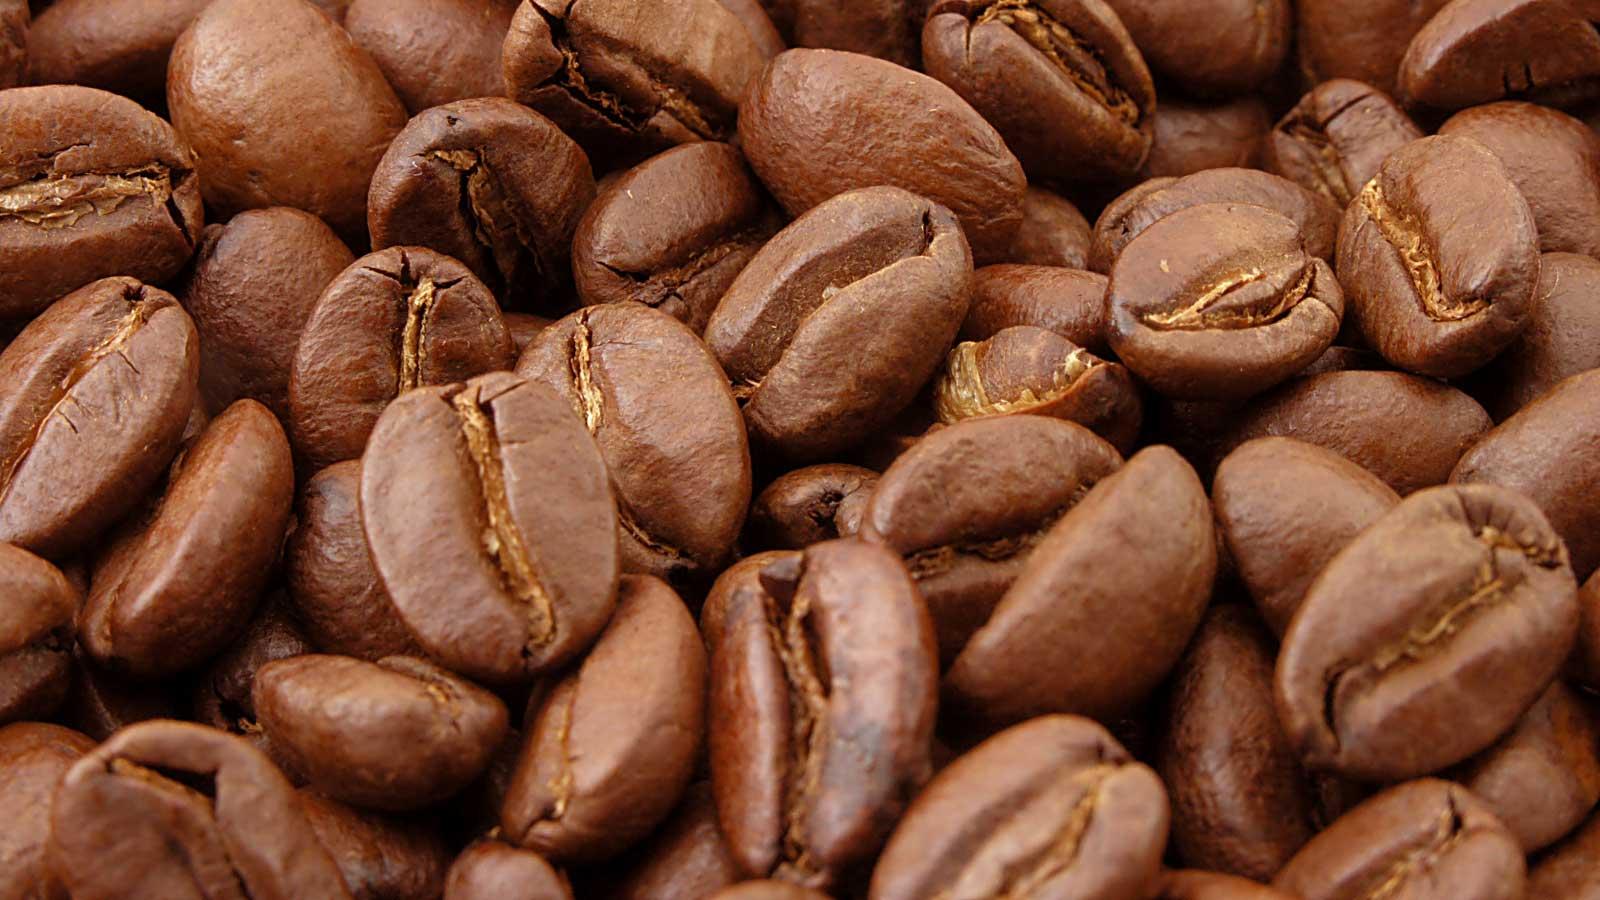 ☕лучшие сорта кофе арабика в зернах на 2021 год